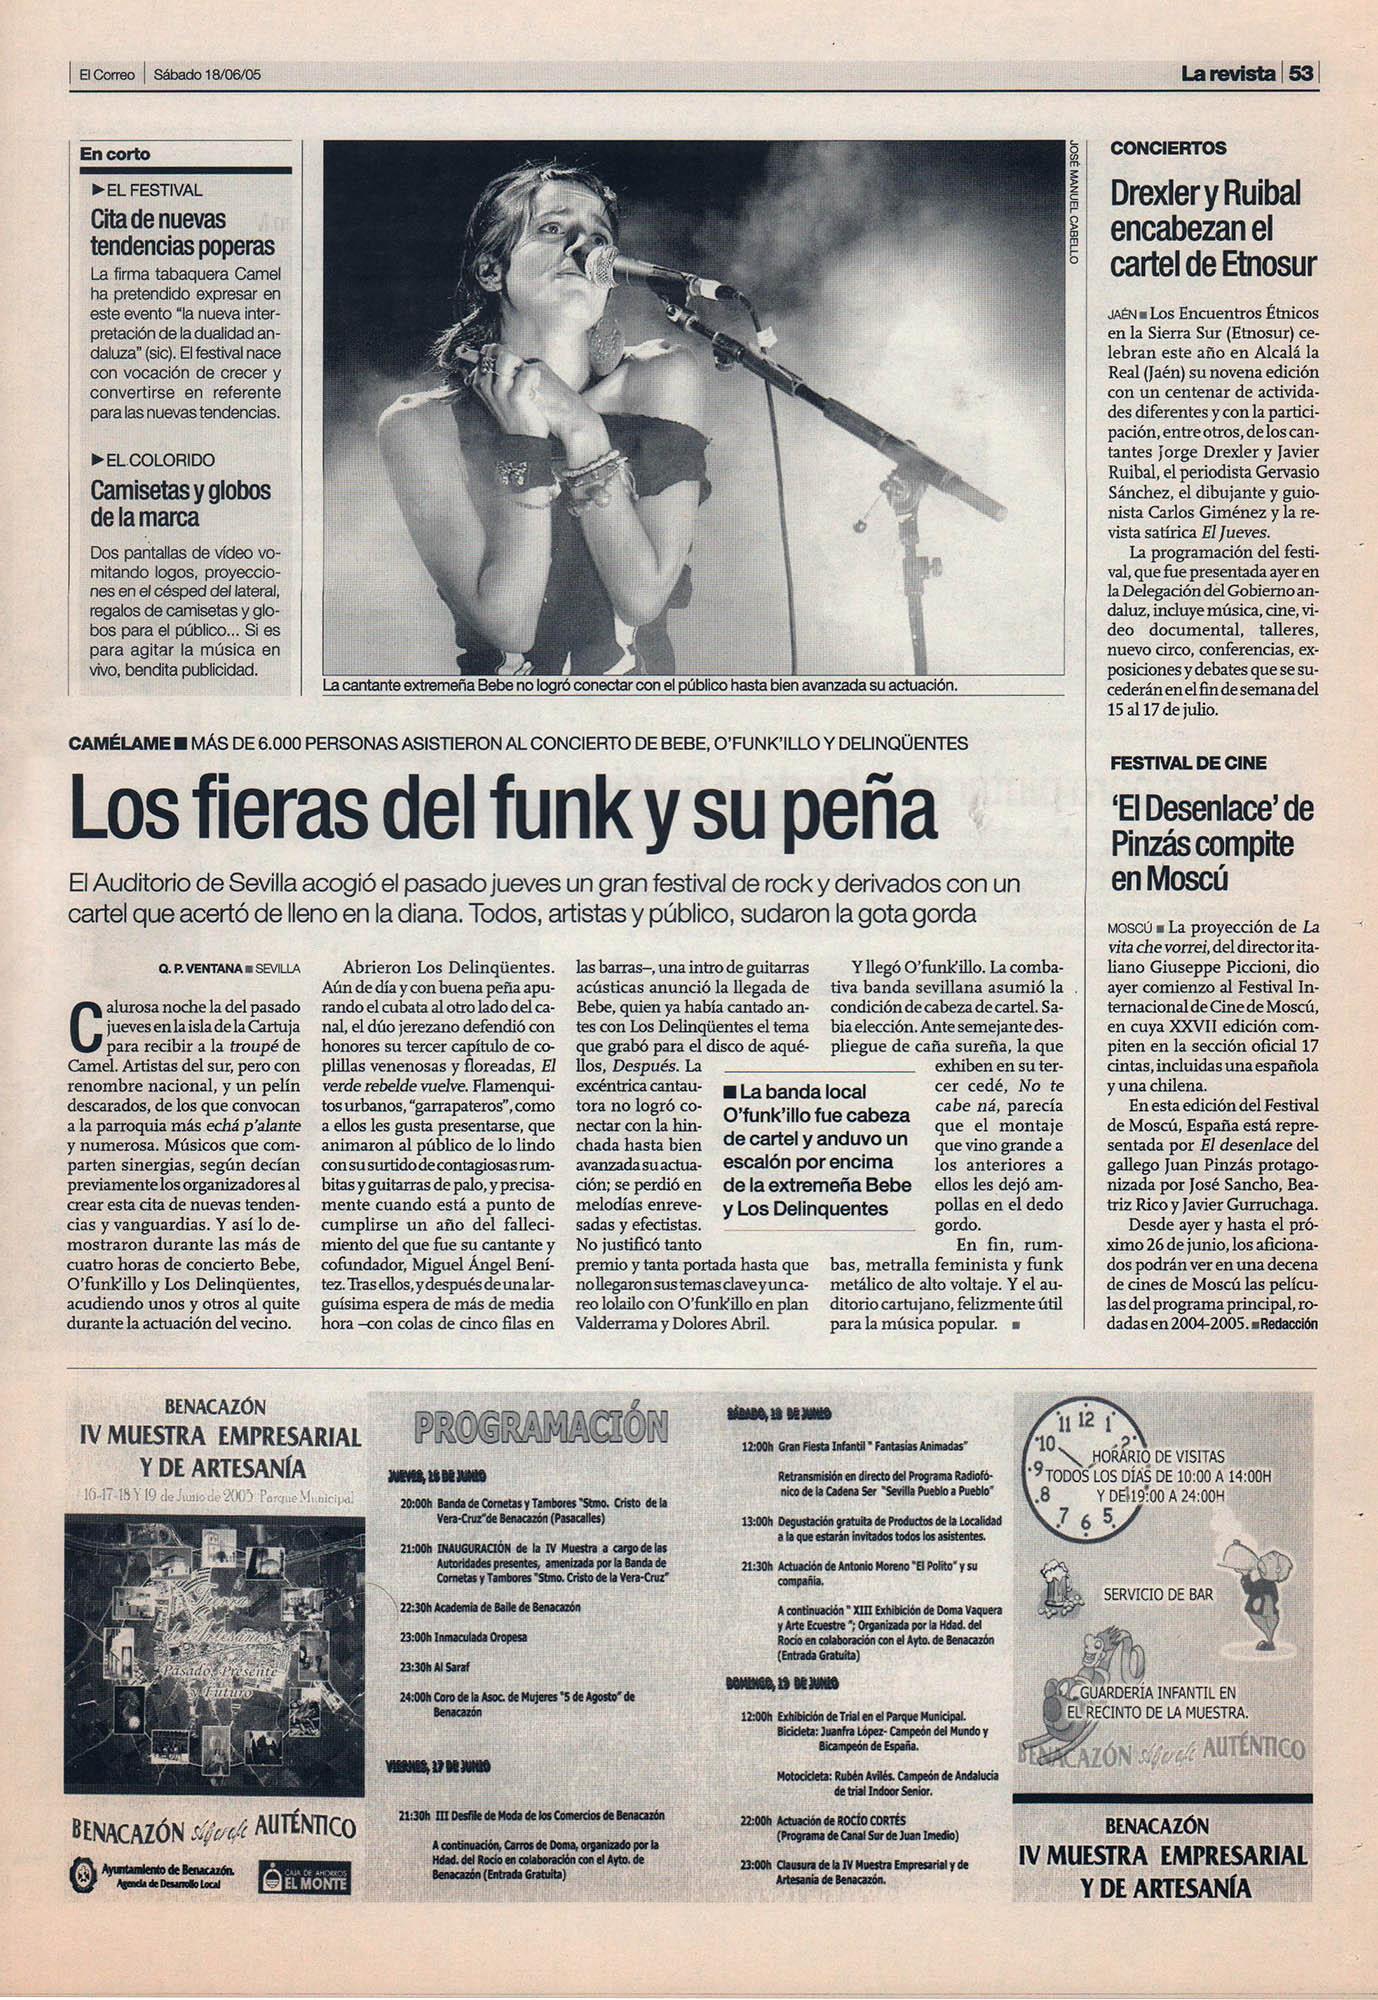 Crítica / Ofunkillo, Bebe, Delinqüentes: los fieras del funk y su peña – Auditorio de Sevilla | El Correo de Andalucía | 18 jun 2005